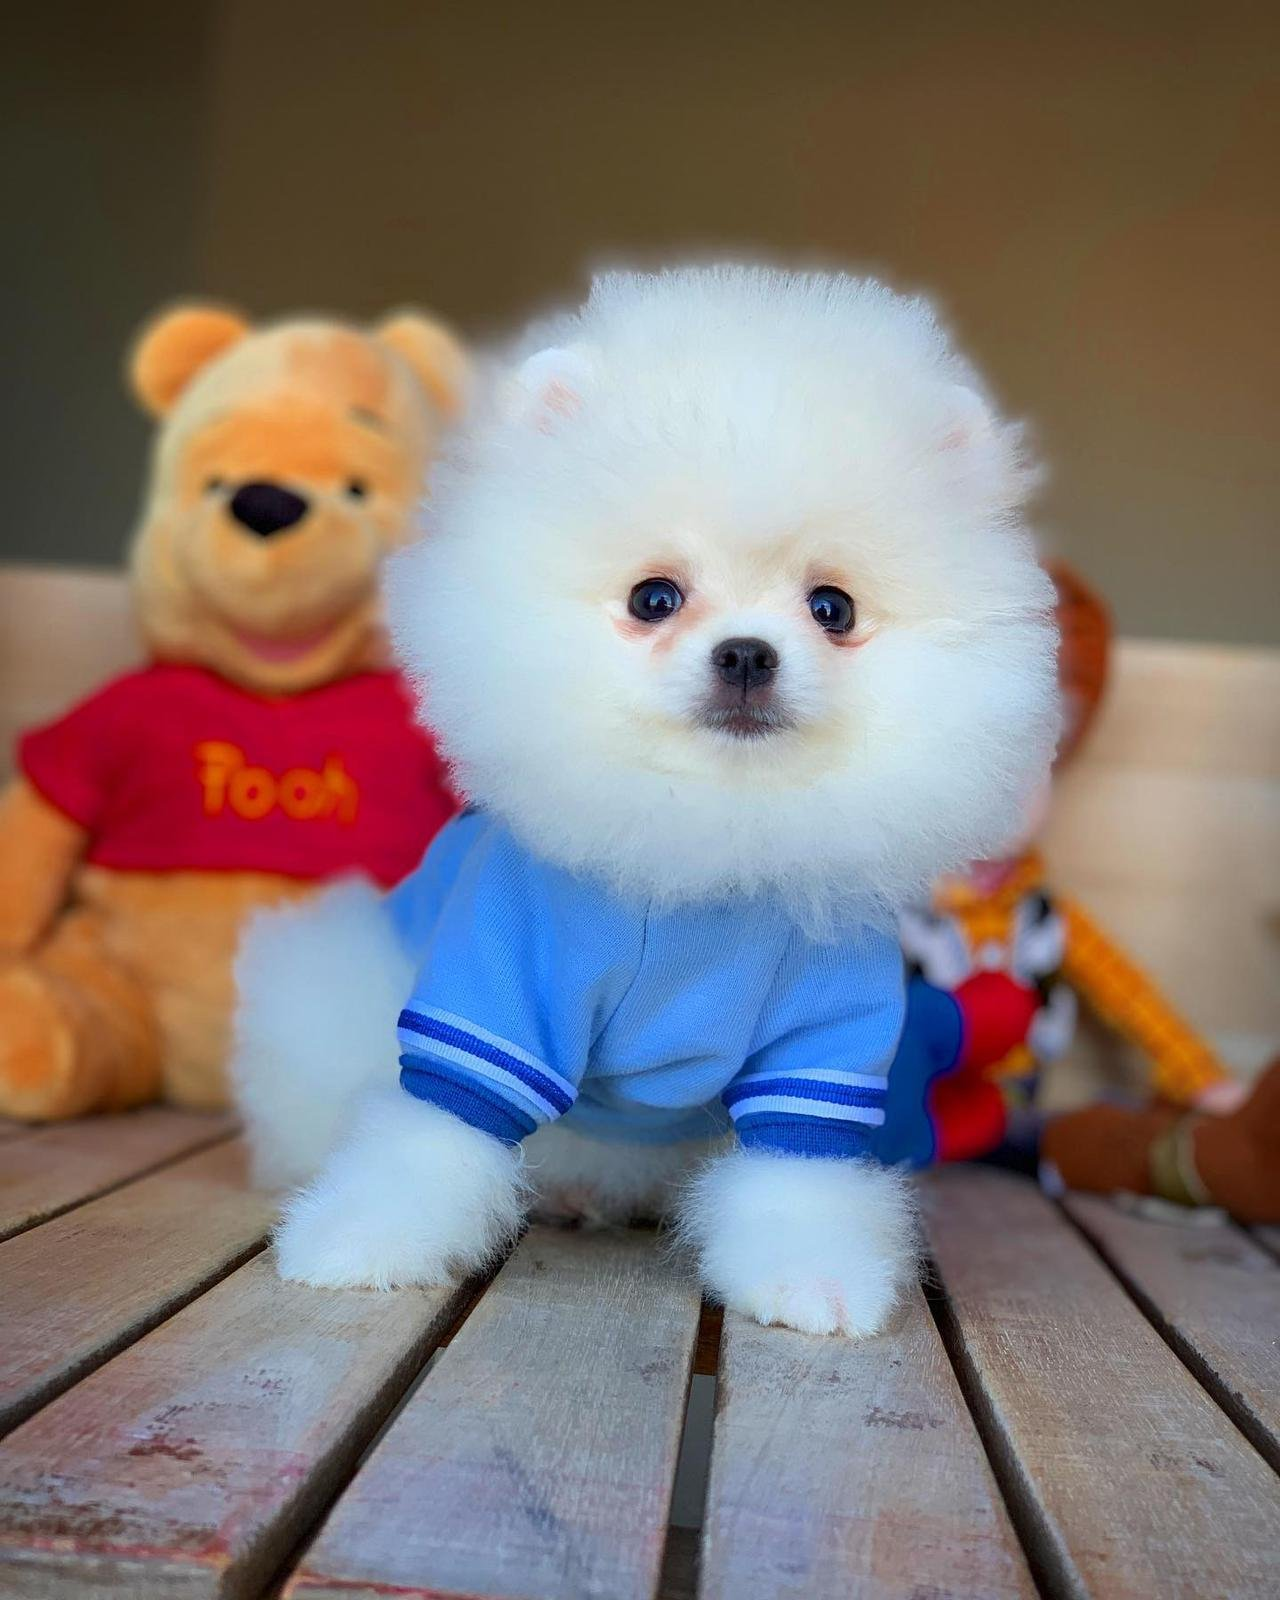 Orjinal  Teddybear Yüz Yapısına Sahip Pomeranianboo 5